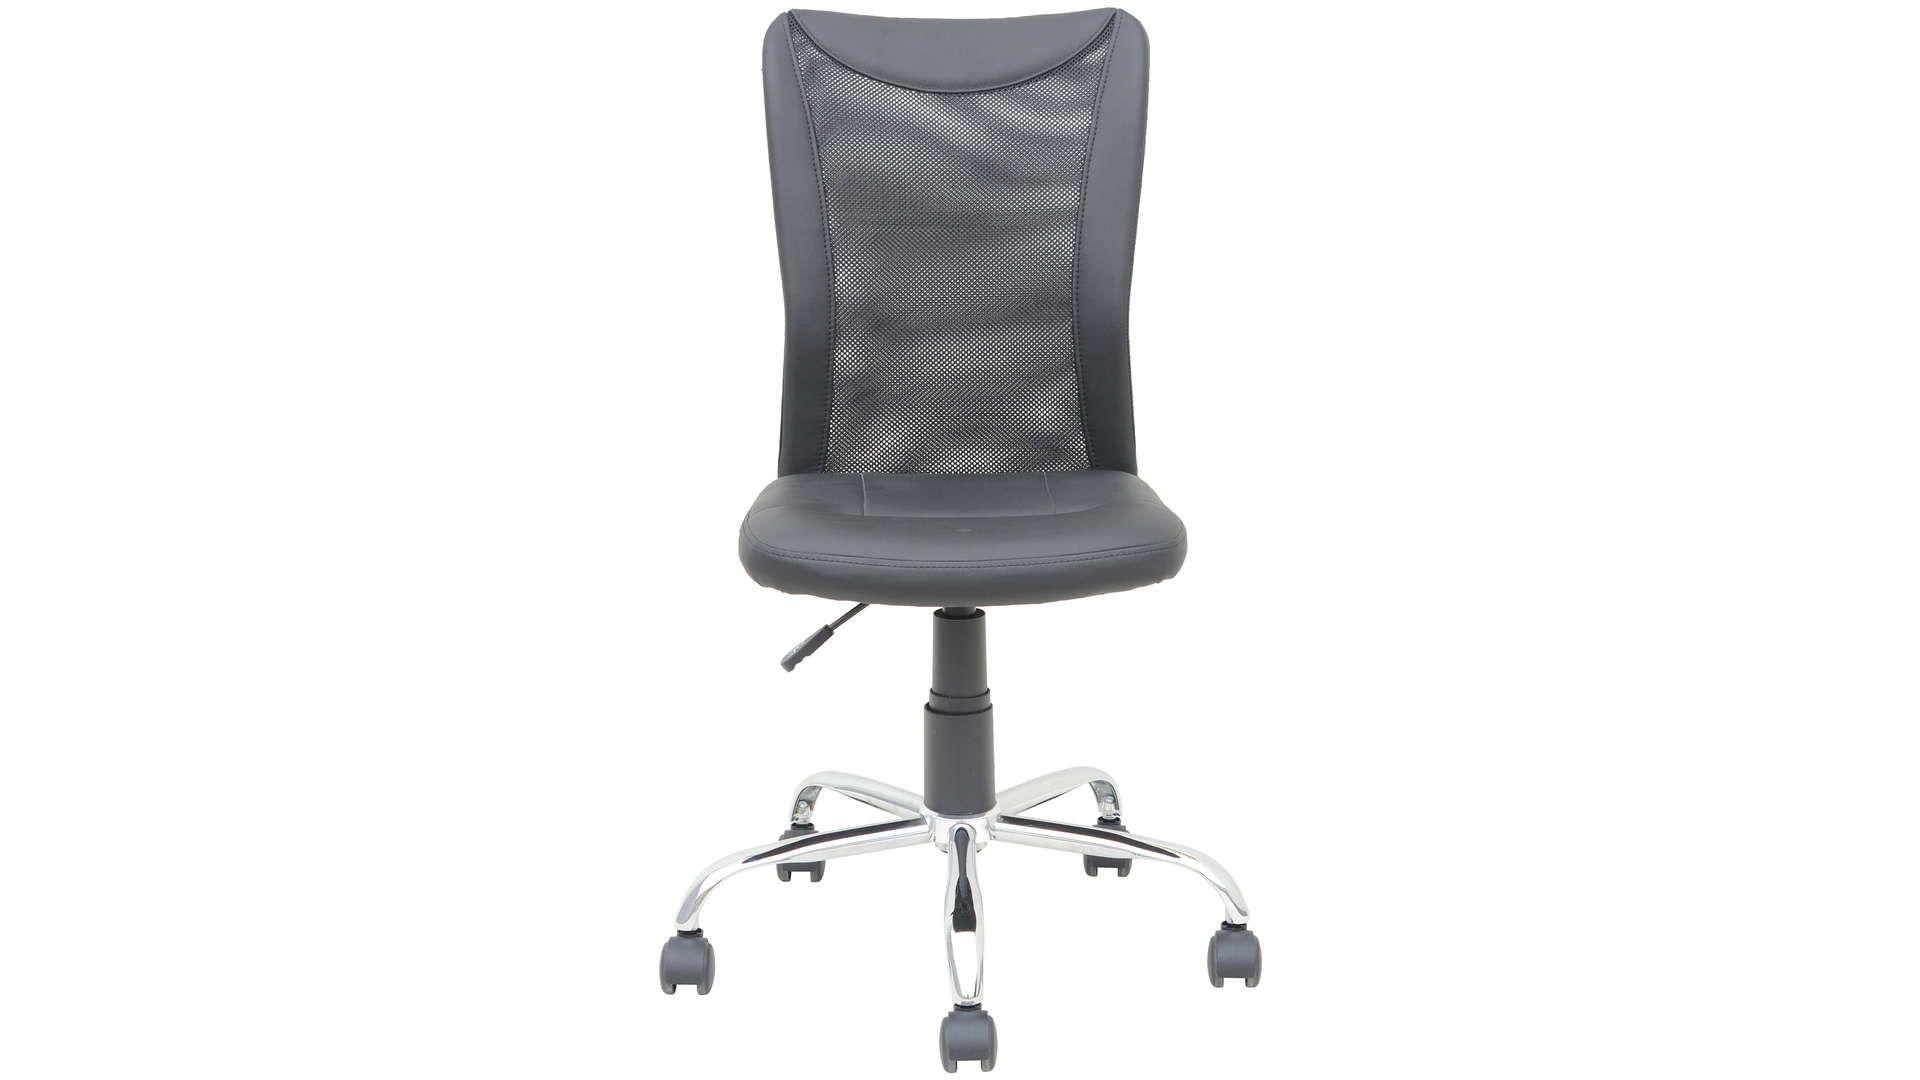 Fauteuil de bureau KATE coloris noir - Vente de Fauteuil de bureau